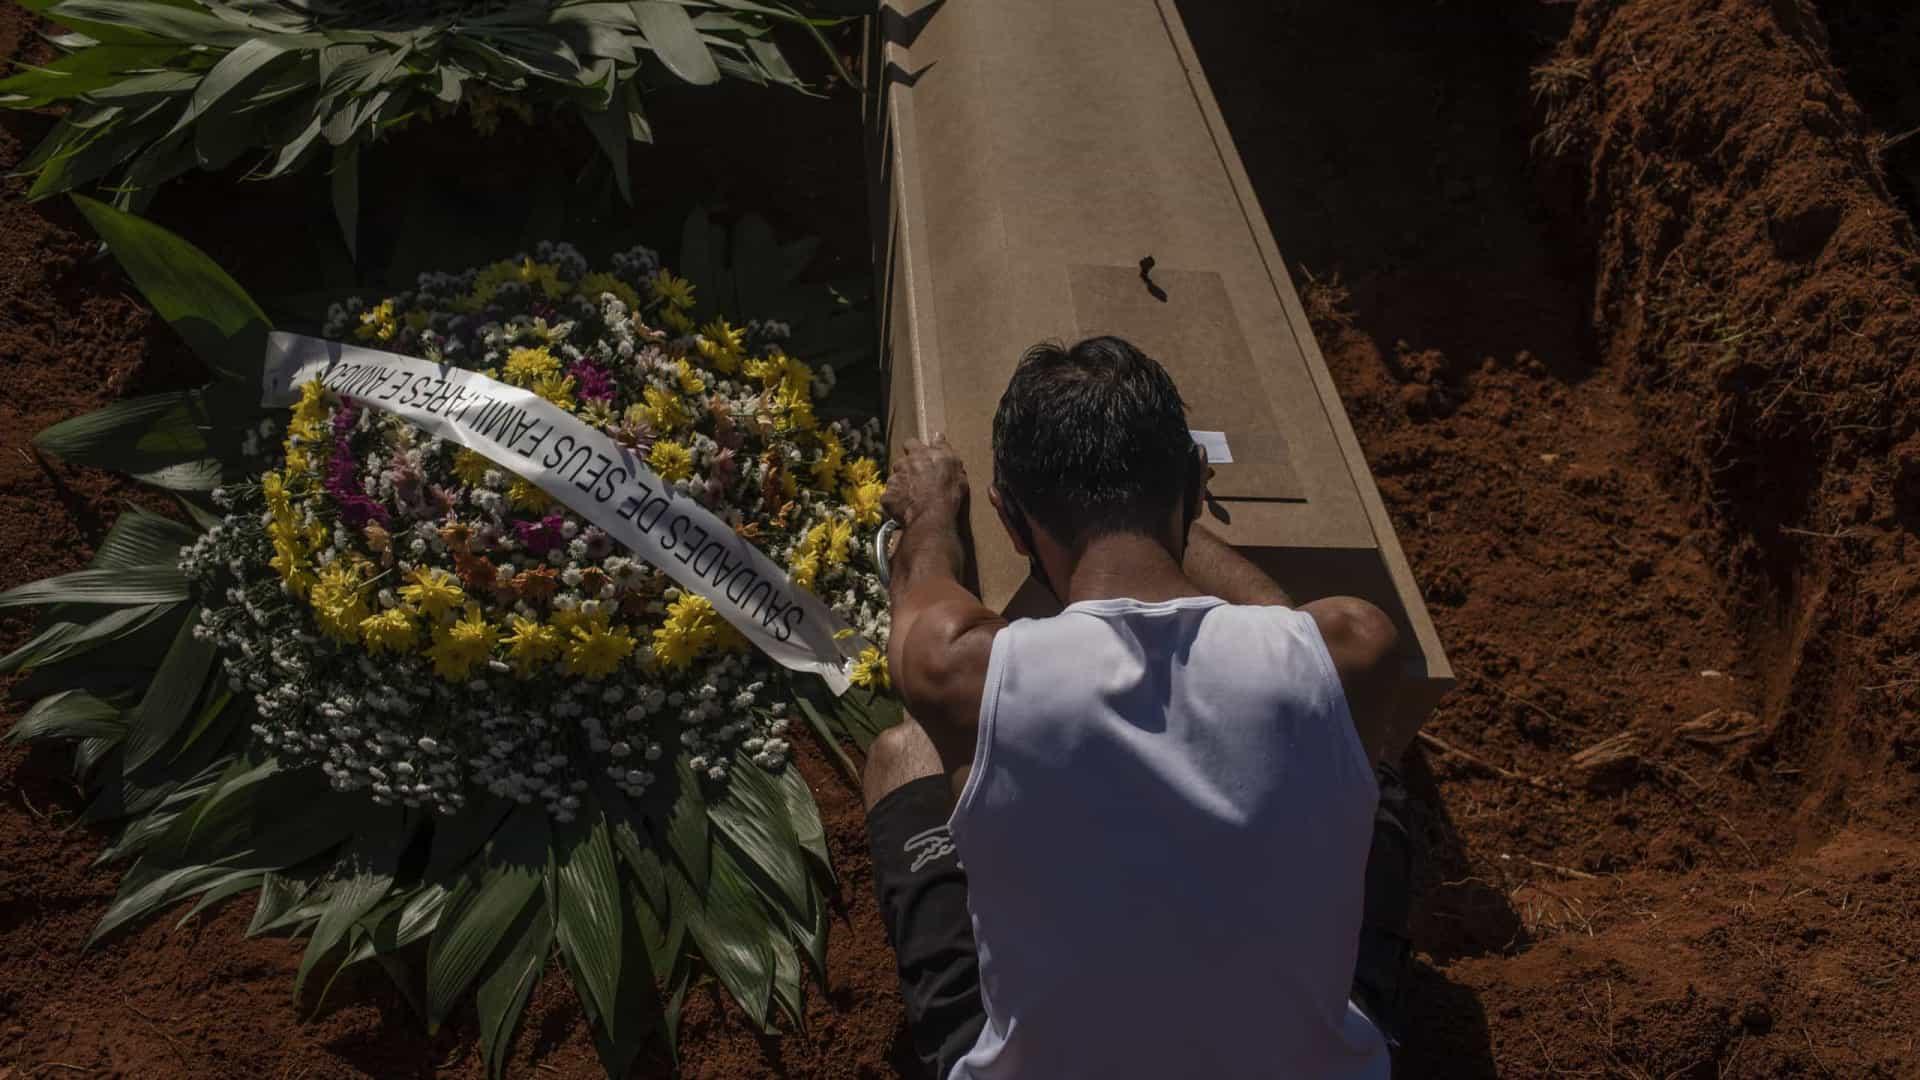 Brasil registra mais de 4.000 mortes por Covid em 24 h pelo 2º dia na semana